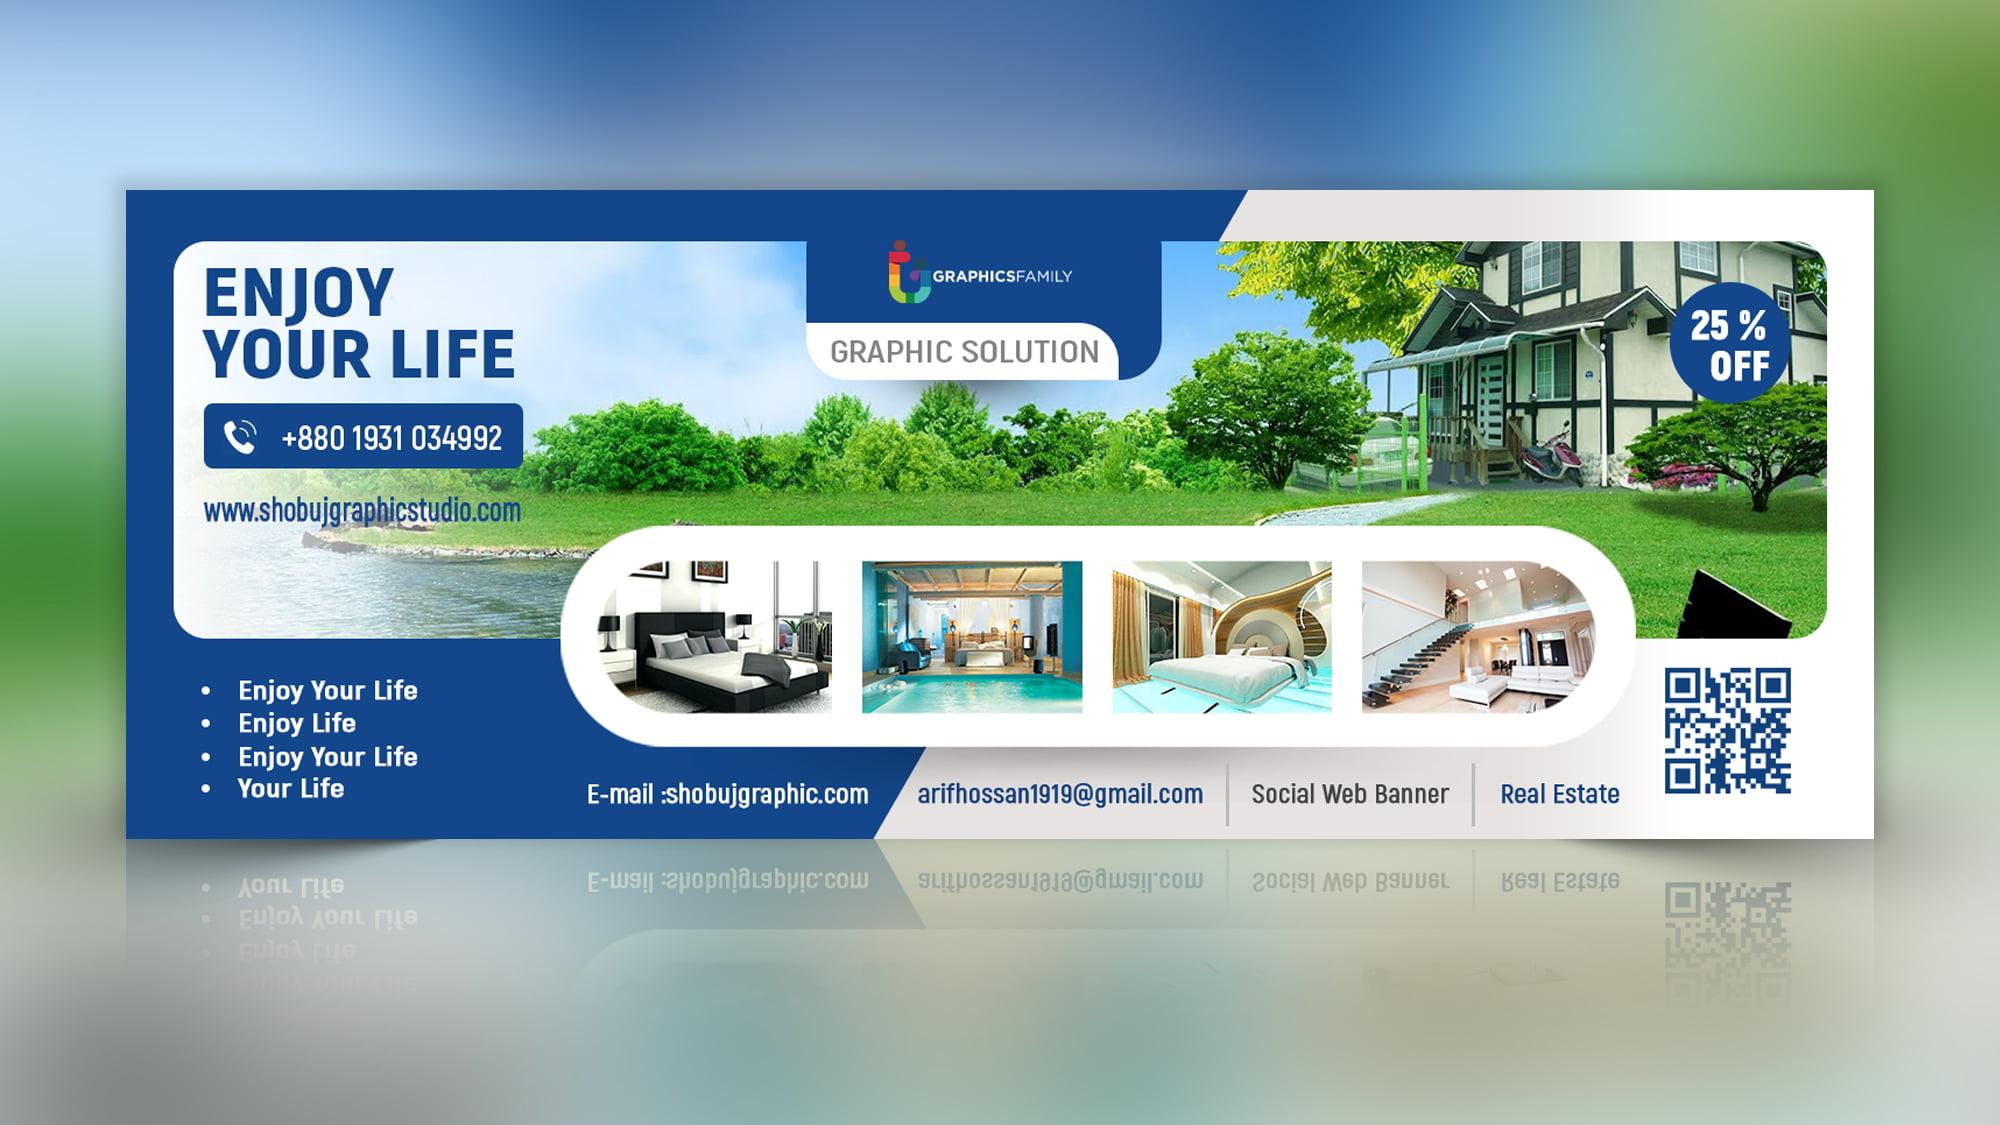 Real estate web banner design